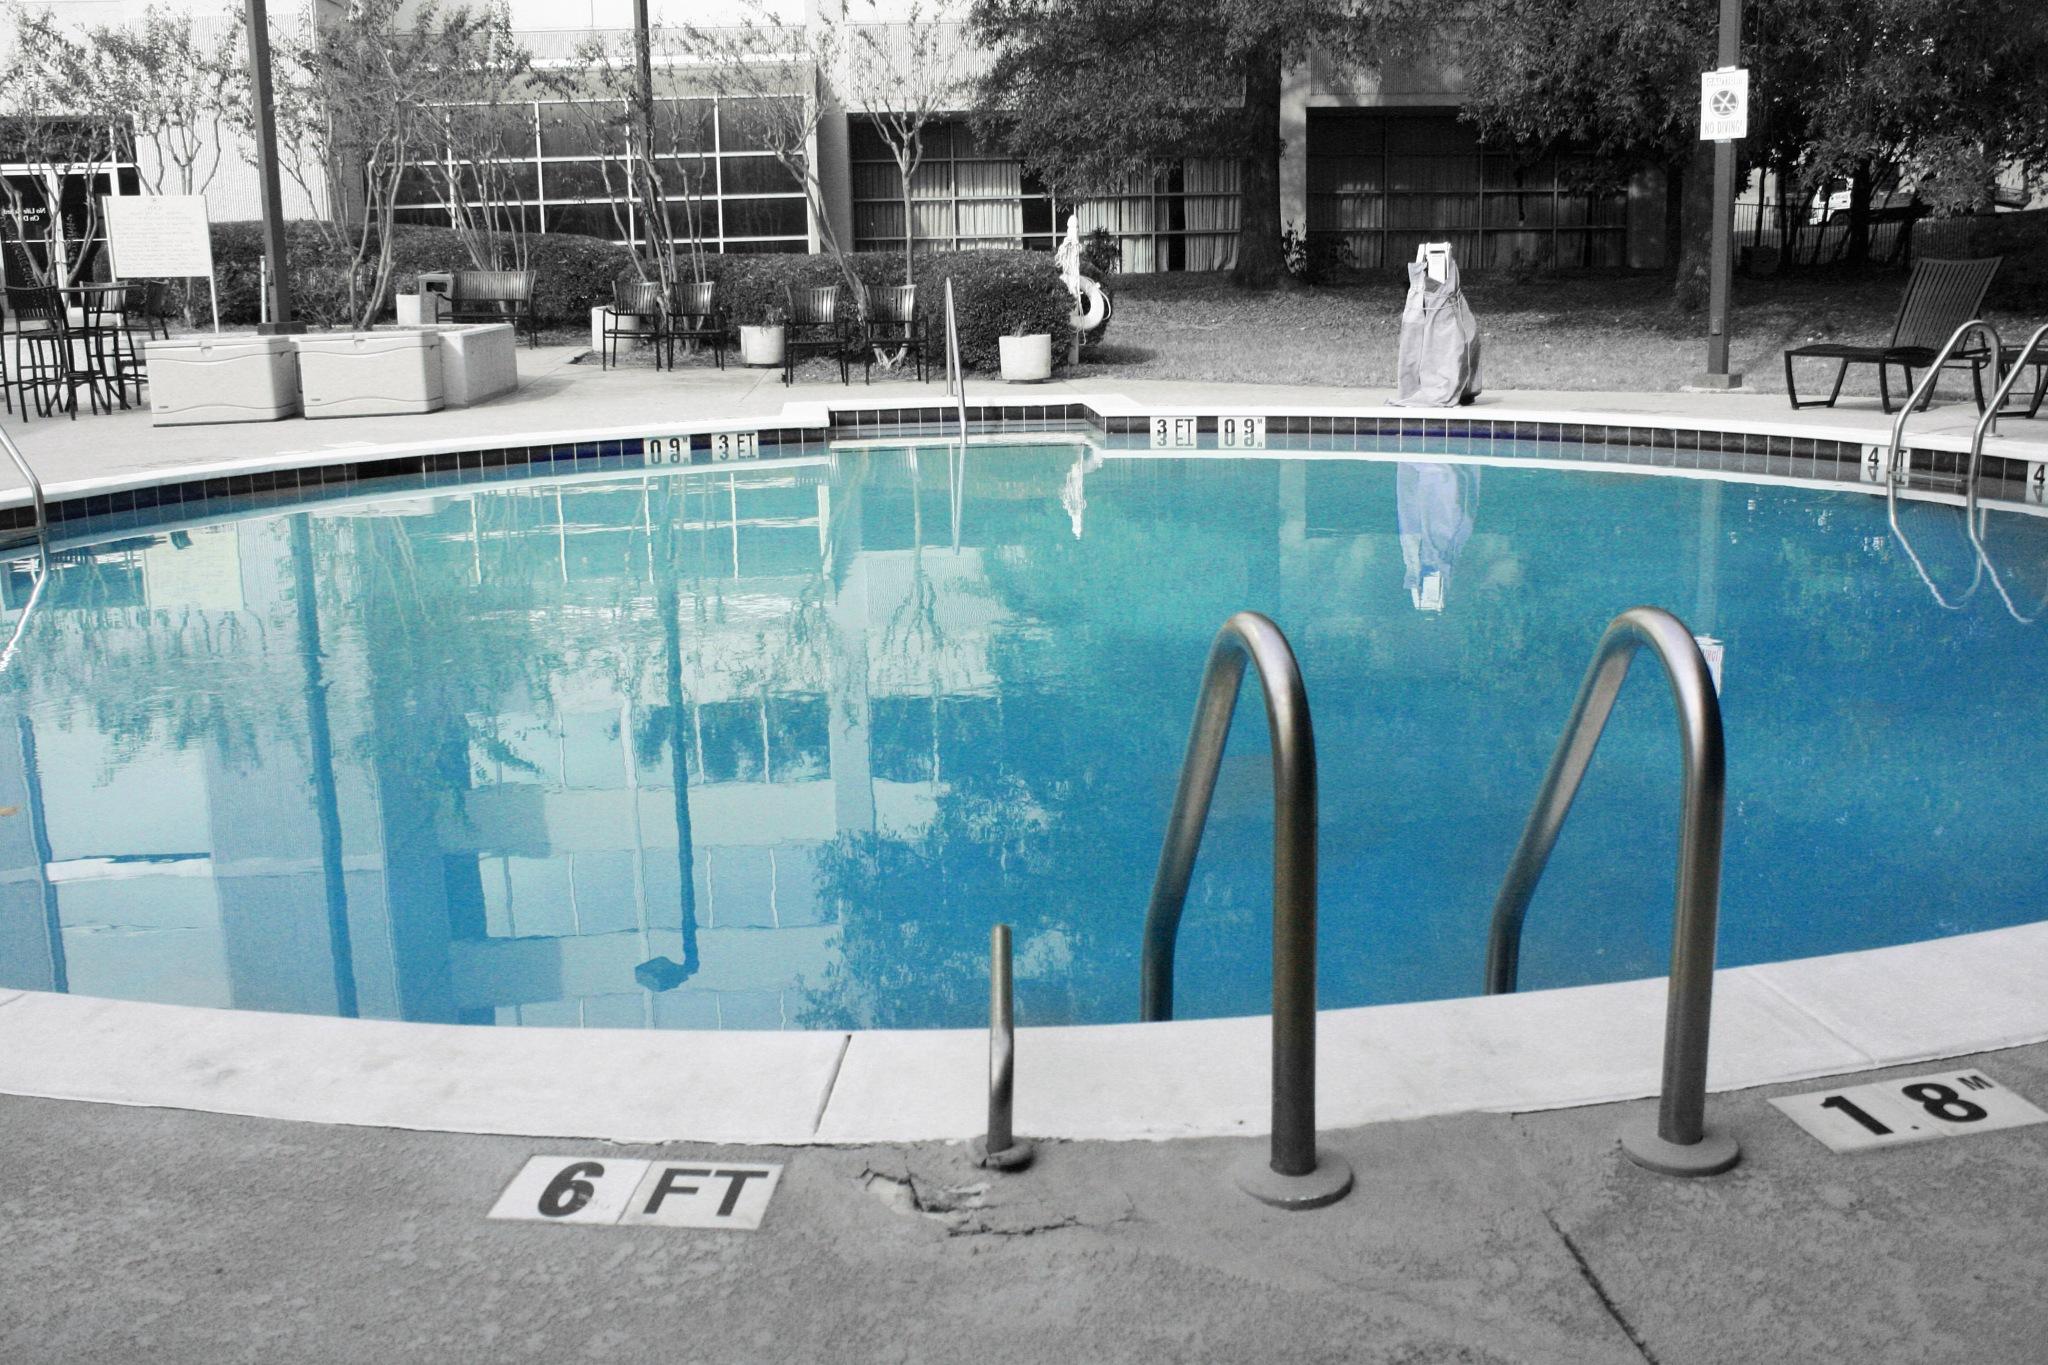 Pool Side by Runwayimagesatl